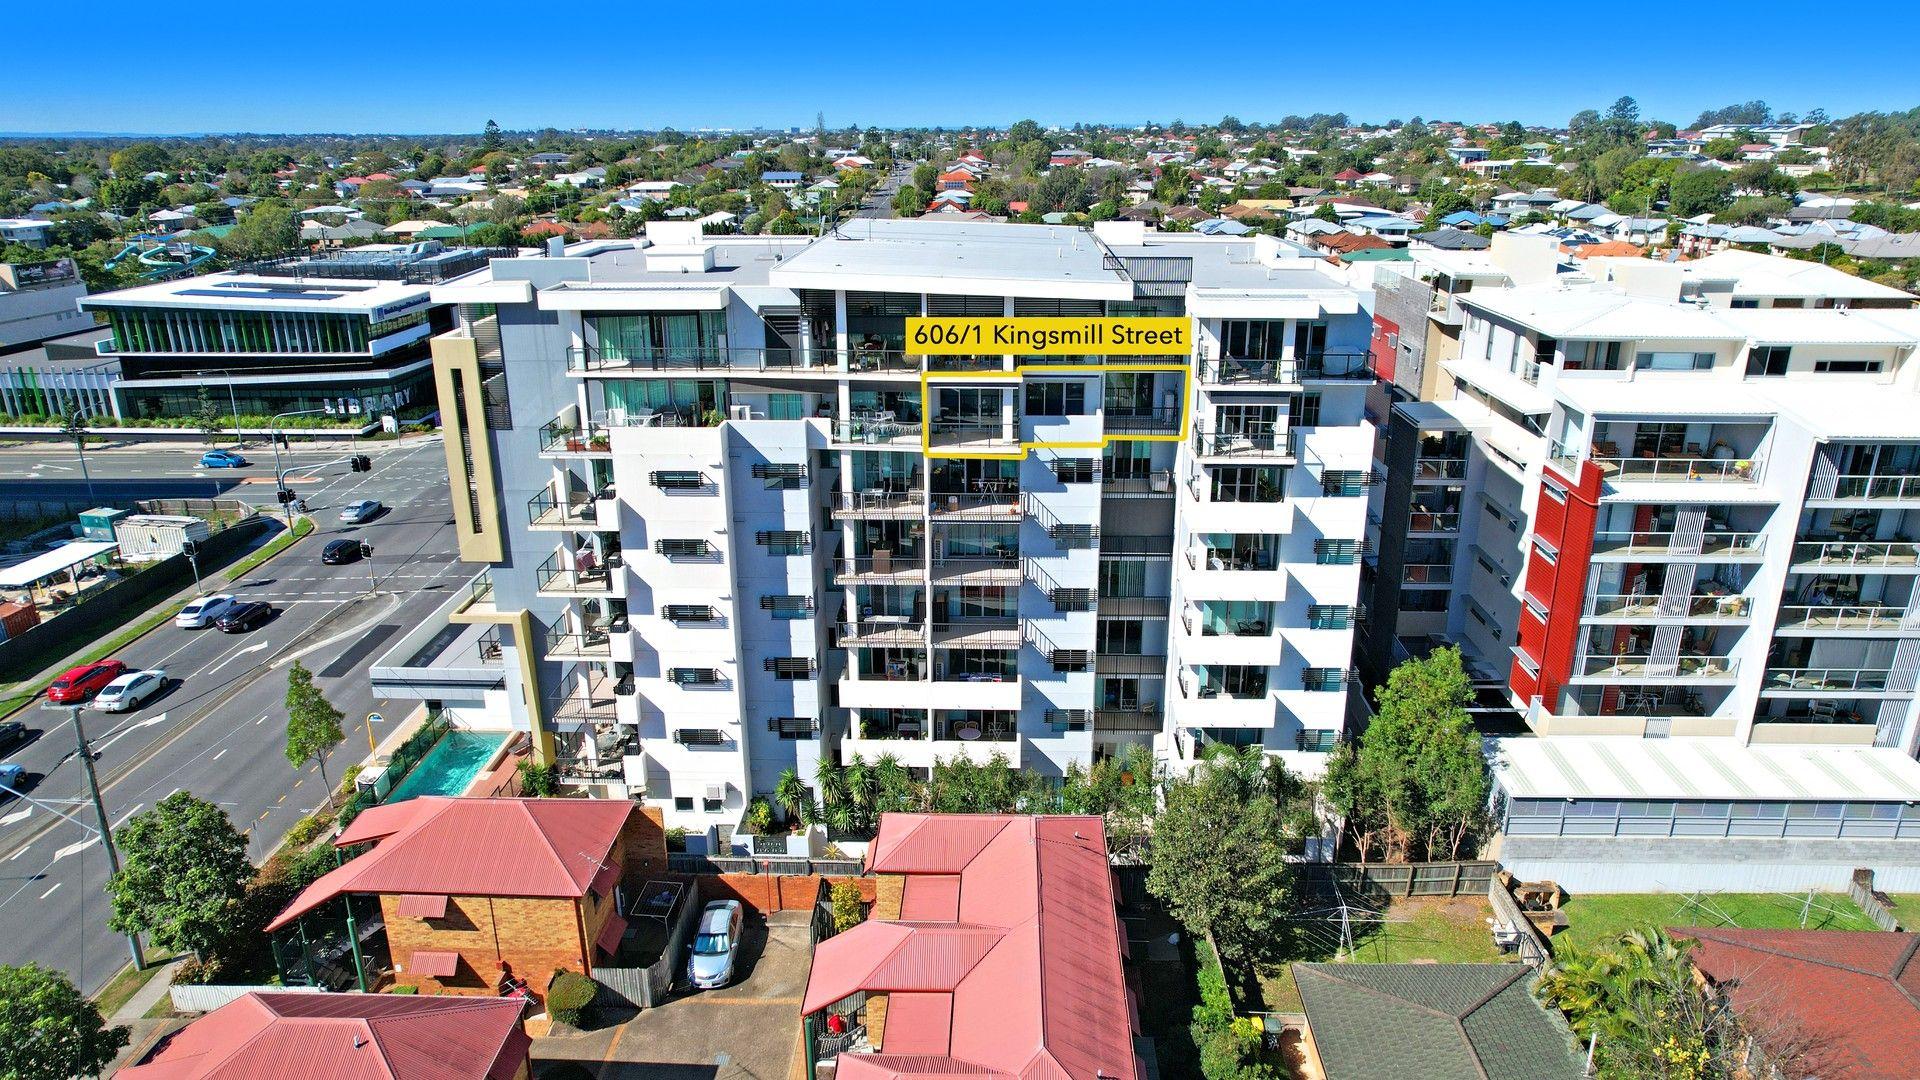 606/1 Kingsmill Street, Chermside QLD 4032, Image 0